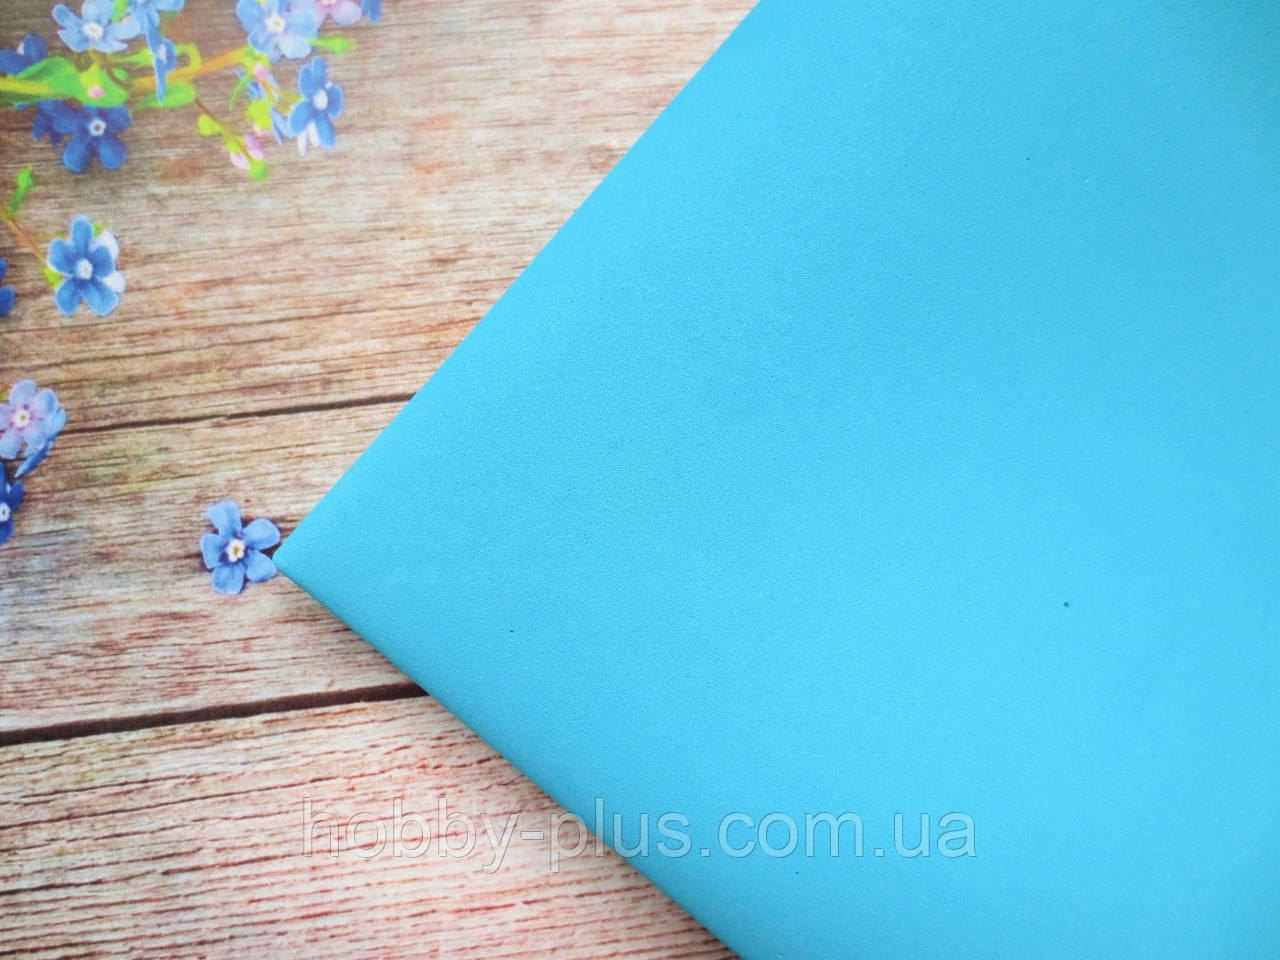 Фоамиран 1 мм, 50х50 см, цвет голубой